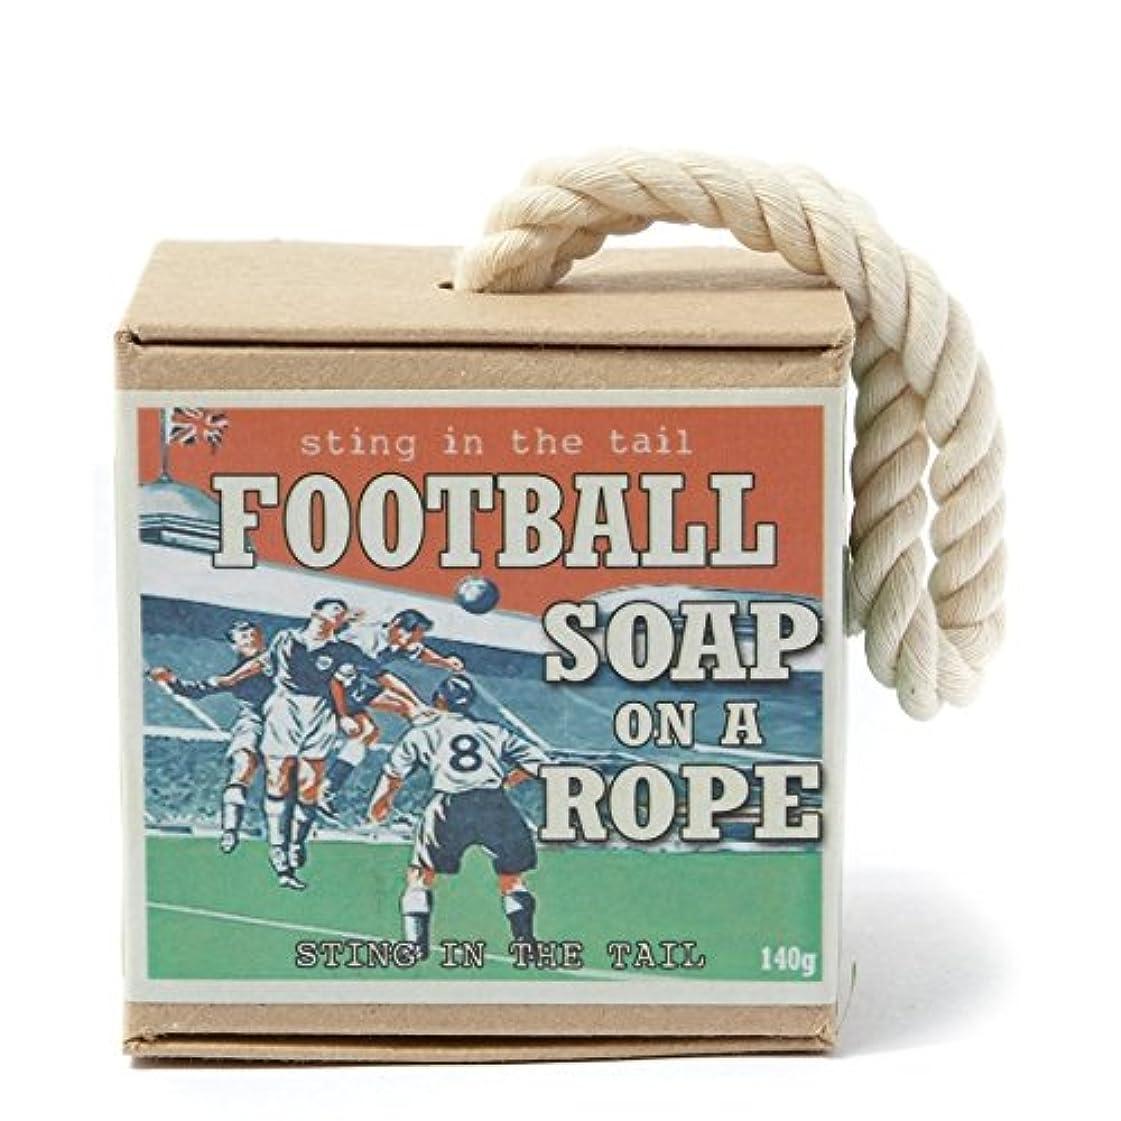 生命体失望させる振り子Sting In The Tail Football on a Rope Soap - ロープ石鹸のテールサッカーで刺します [並行輸入品]